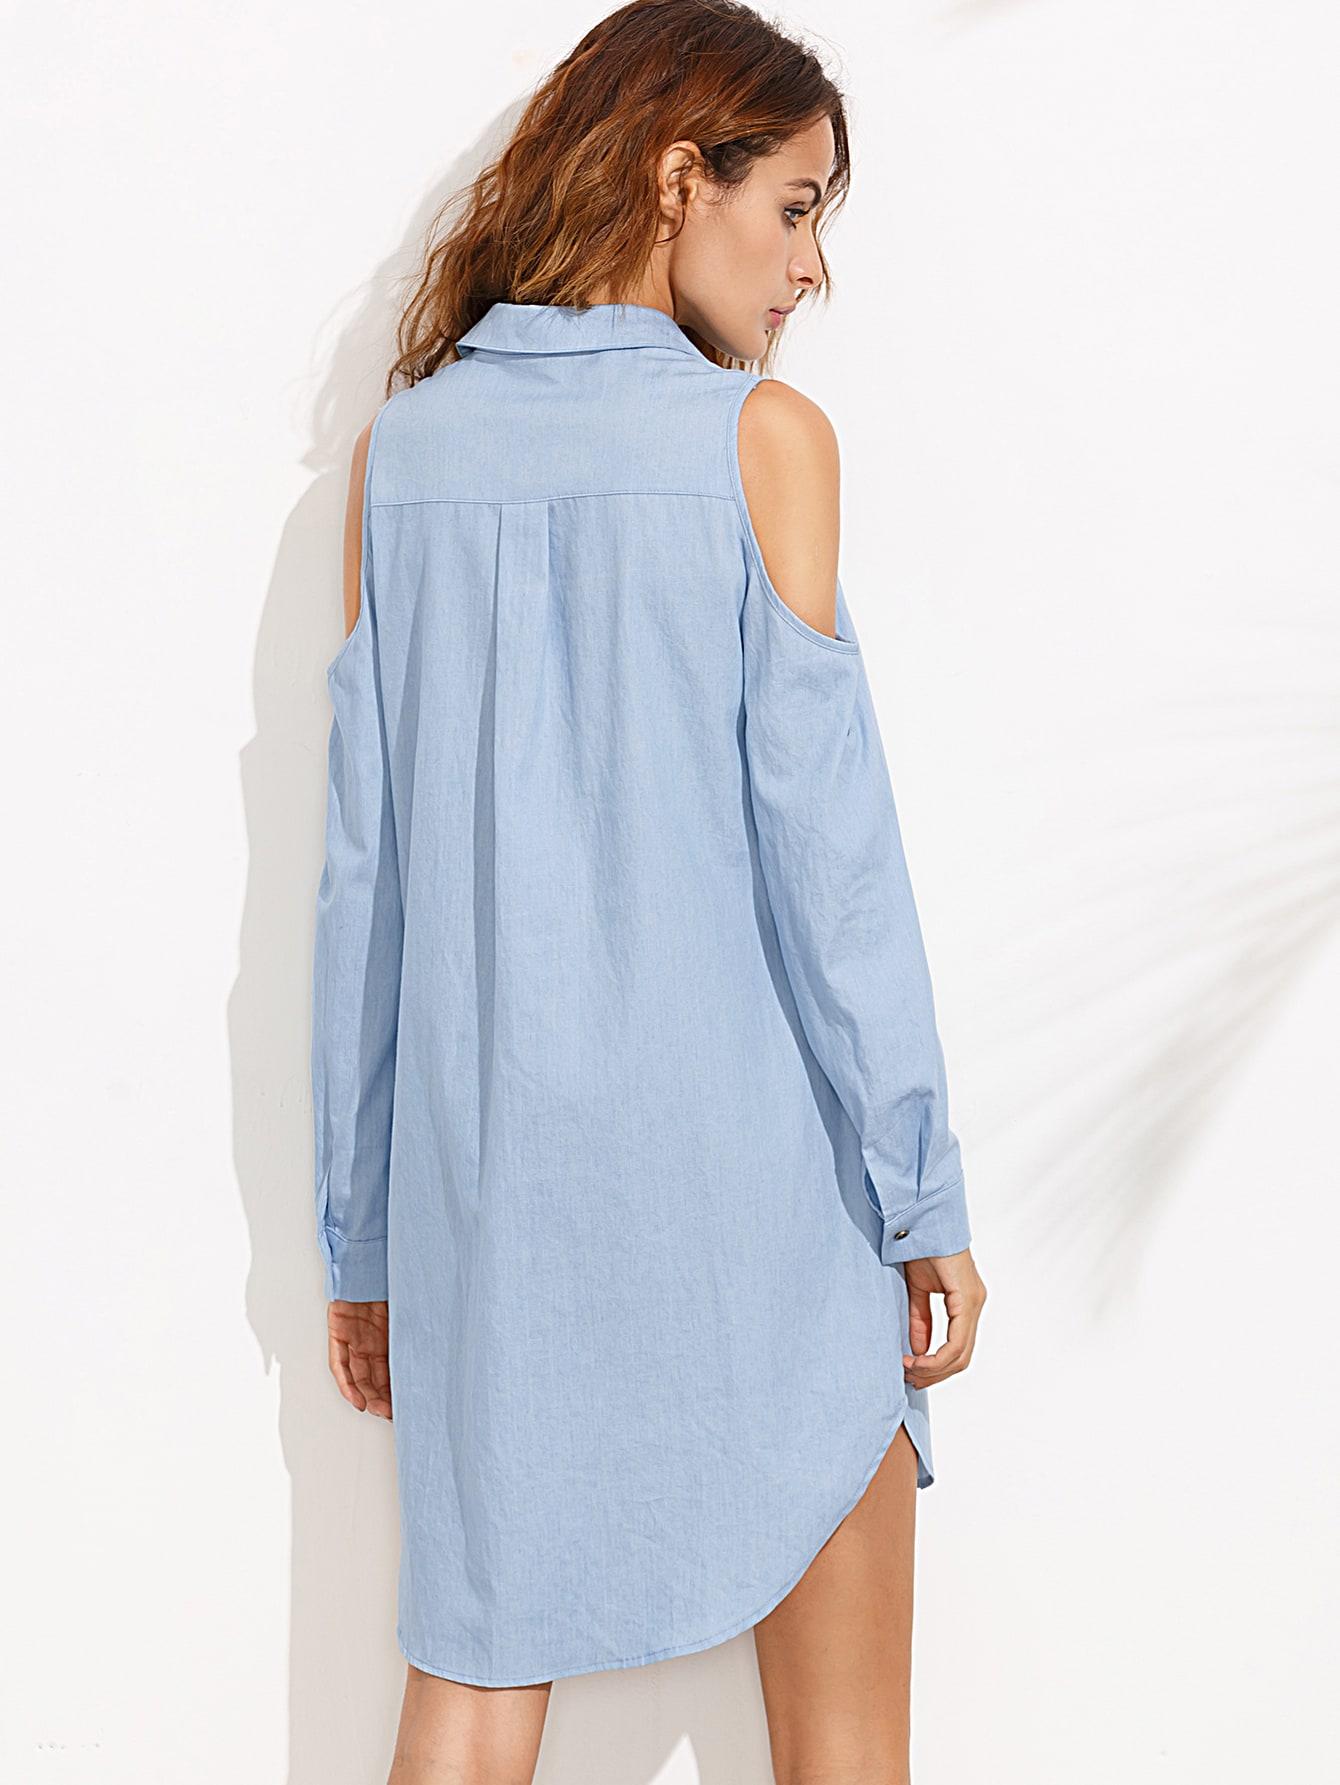 Смотреть Короткое синее платье видео